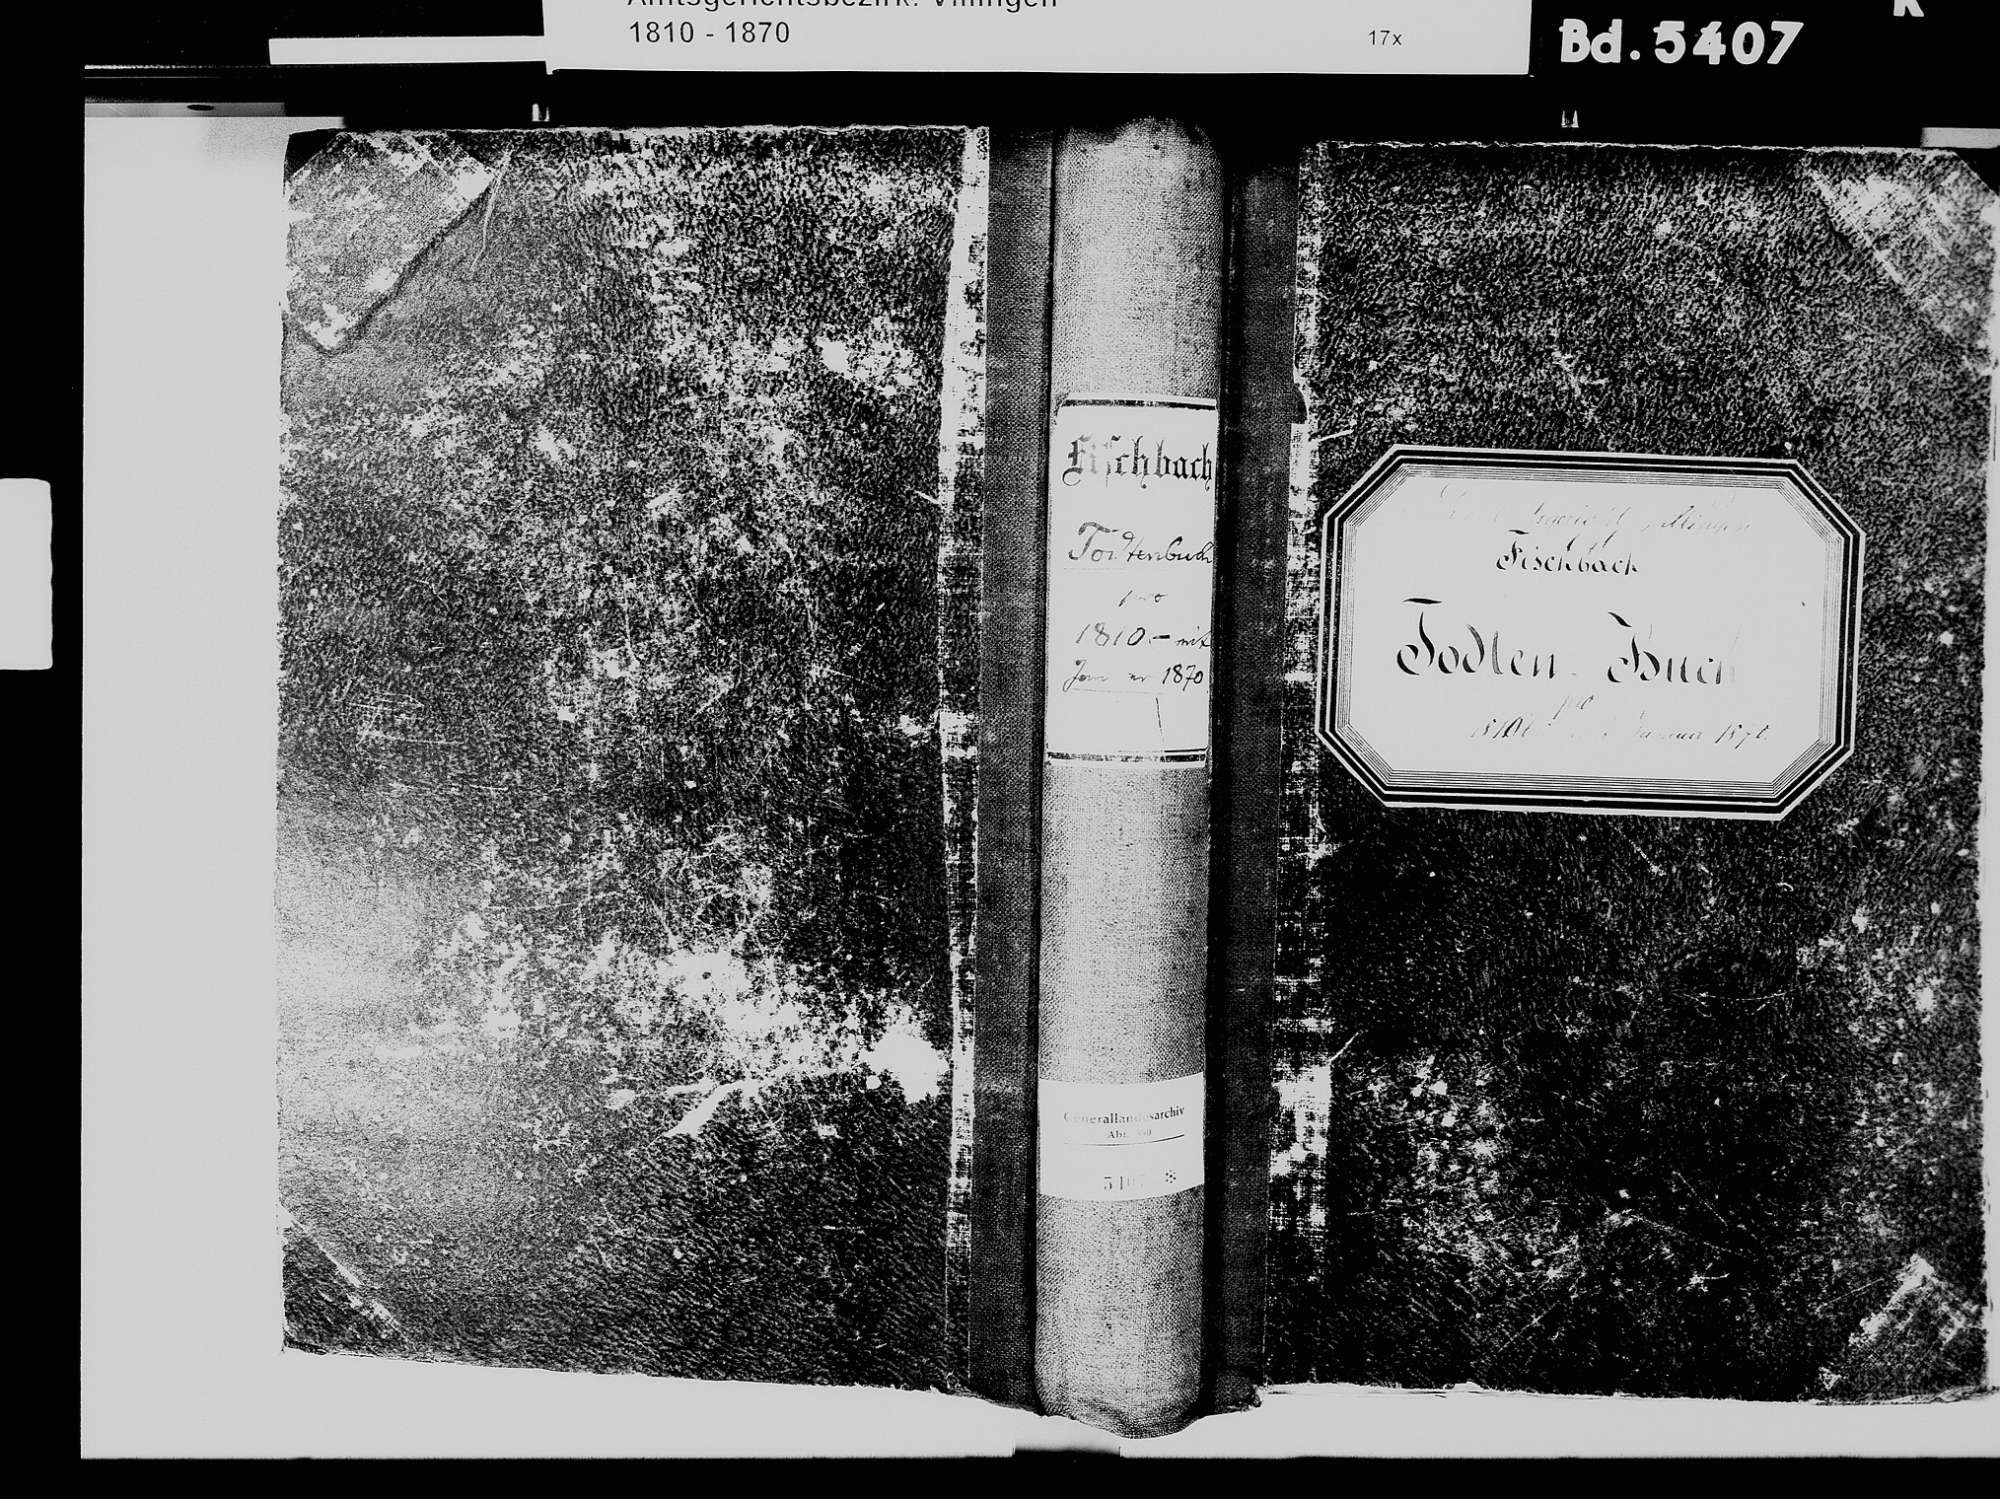 Fischbach, Niedereschach VS; Katholische Gemeinde: Sterbebuch 1810-1870, Bild 2